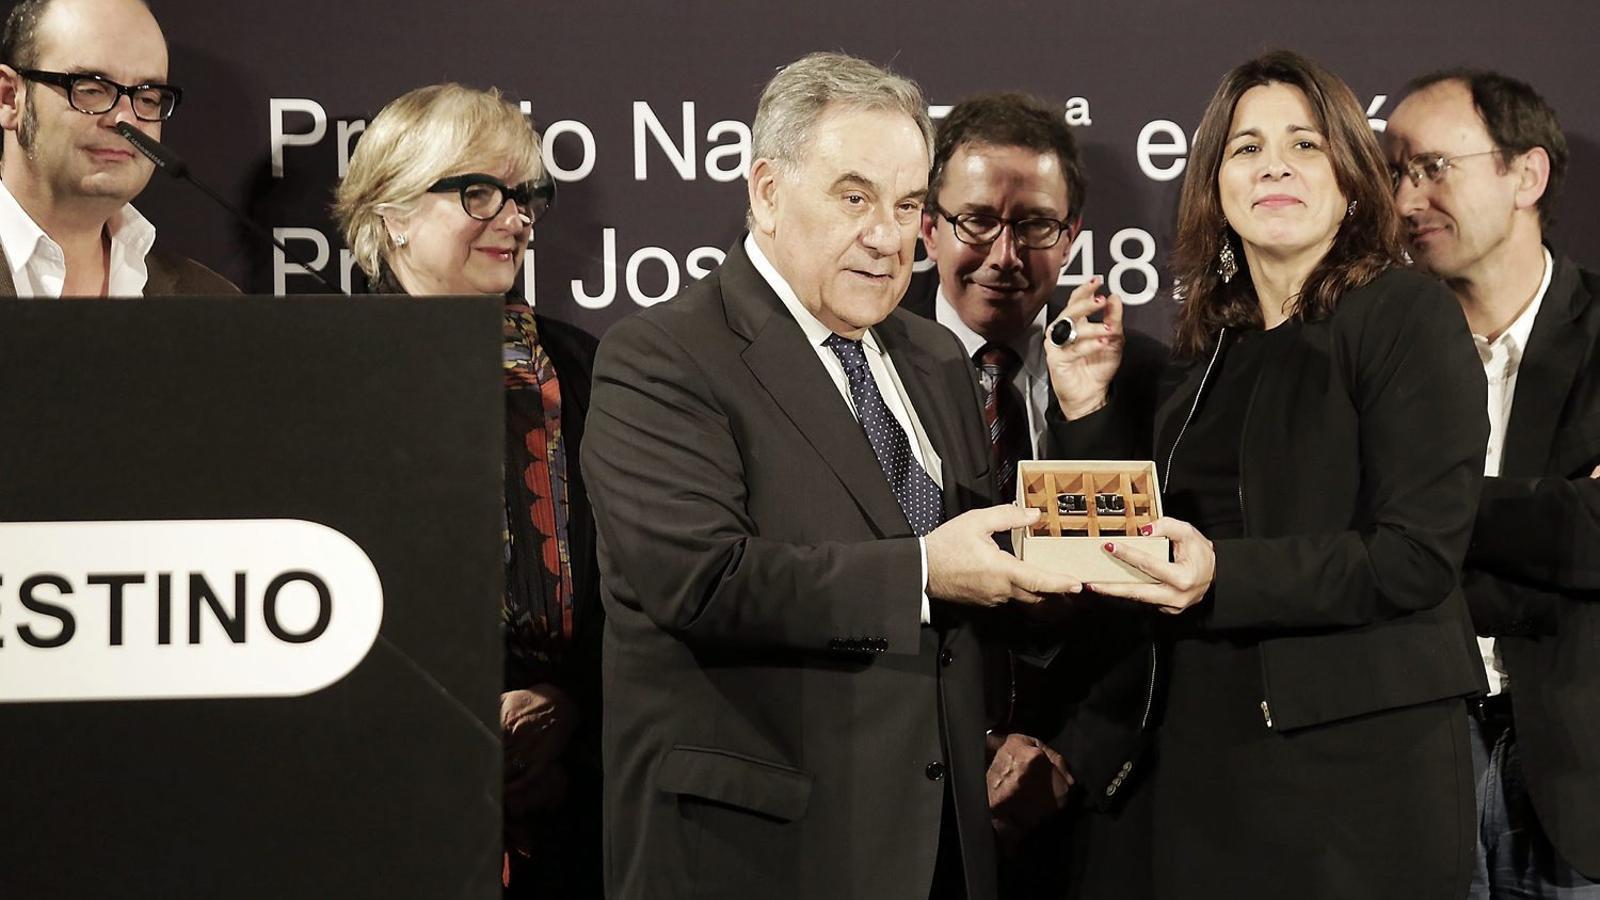 Lluís Foix, guanyador del premi Pla, en el moment de rebre el guardó a la cerimònia de lliurament a l'Hotel Palace de Barcelona. / PERE VIRGILI